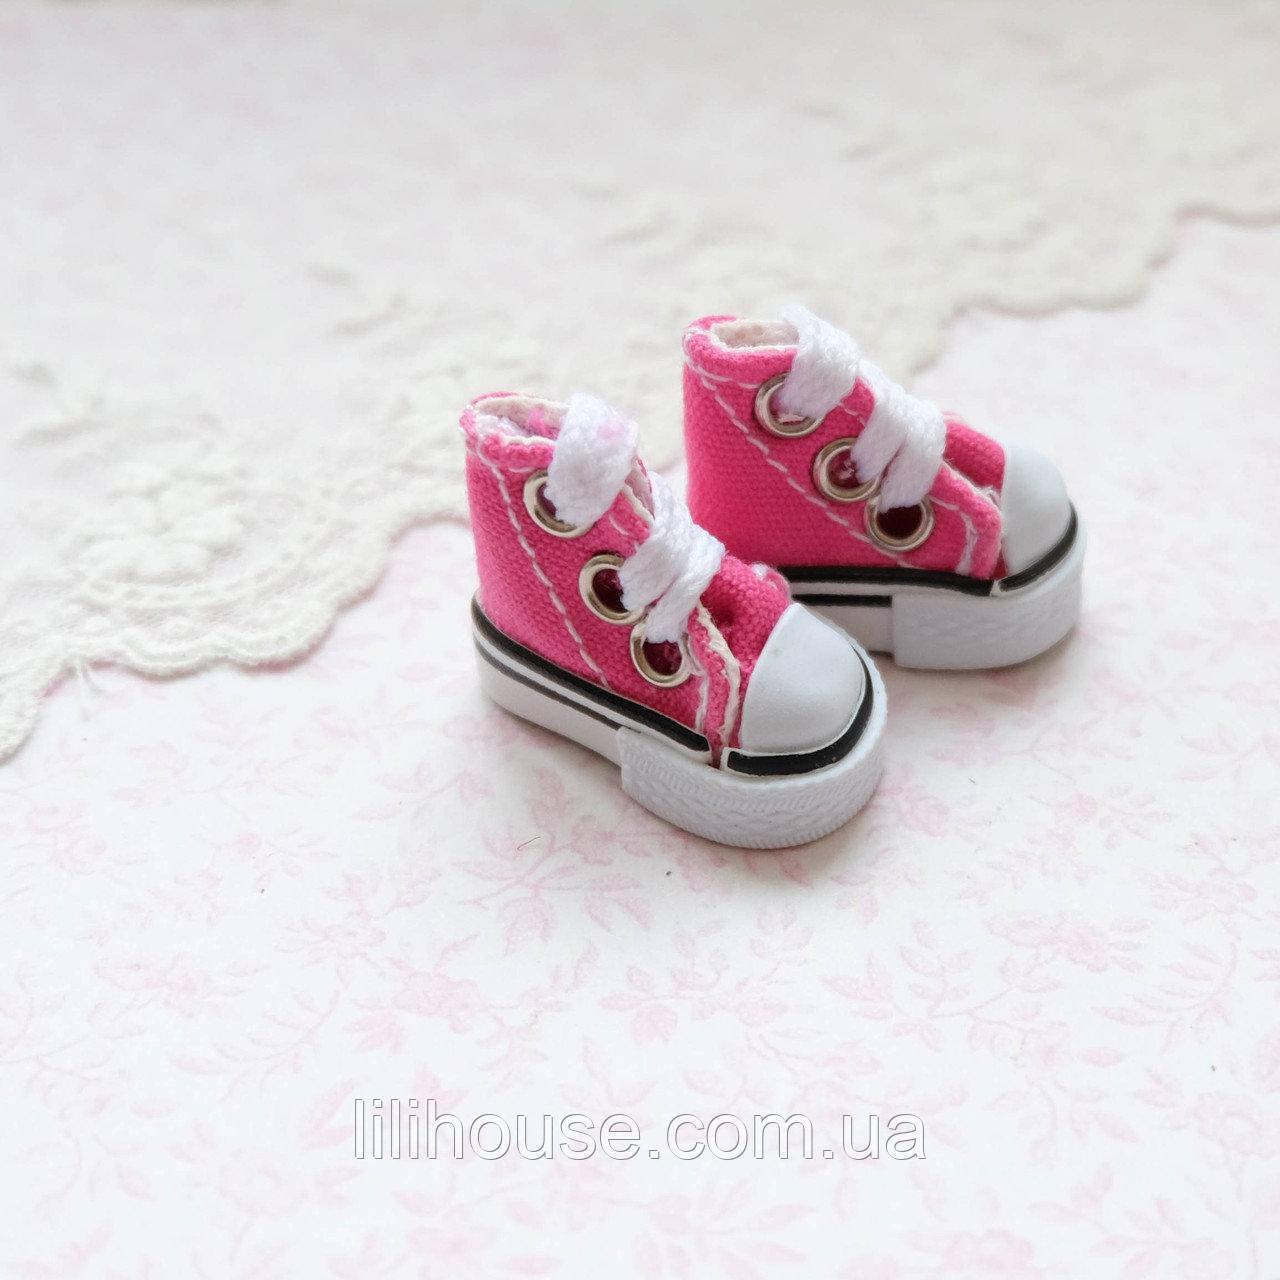 Взуття для ляльок Кеди Конверс Міні 3.5*2 см МАЛИНОВІ